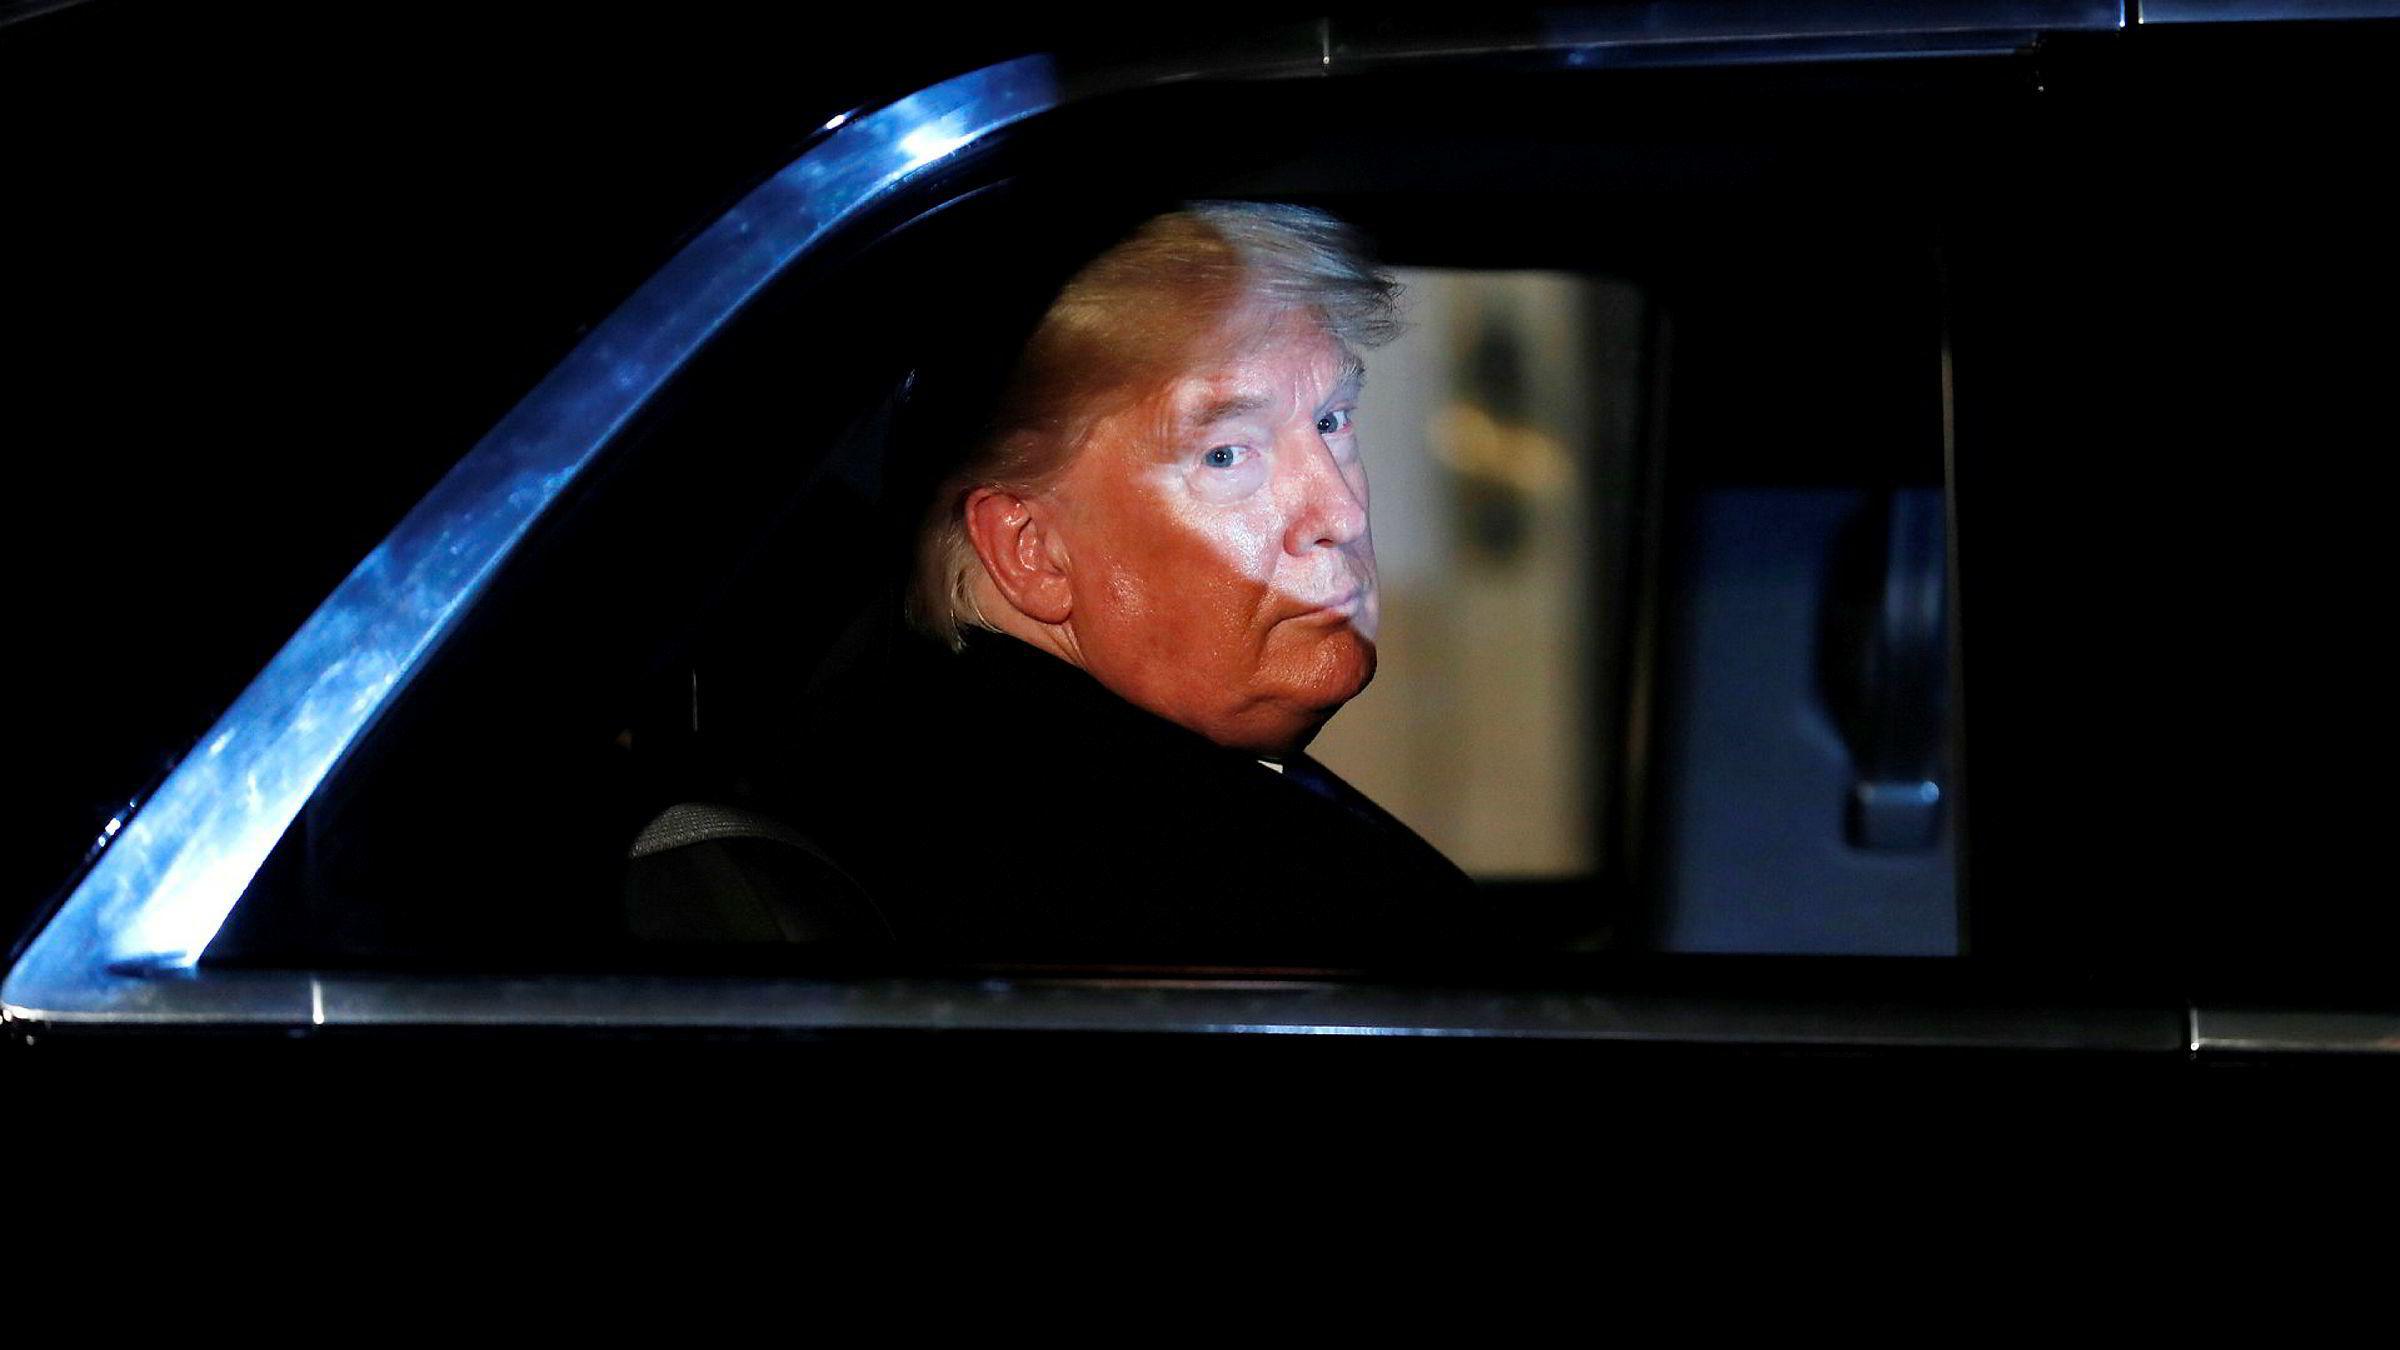 Diskré besøk. President Donald Trump forlater Downing Street 10 tirsdag kveld.